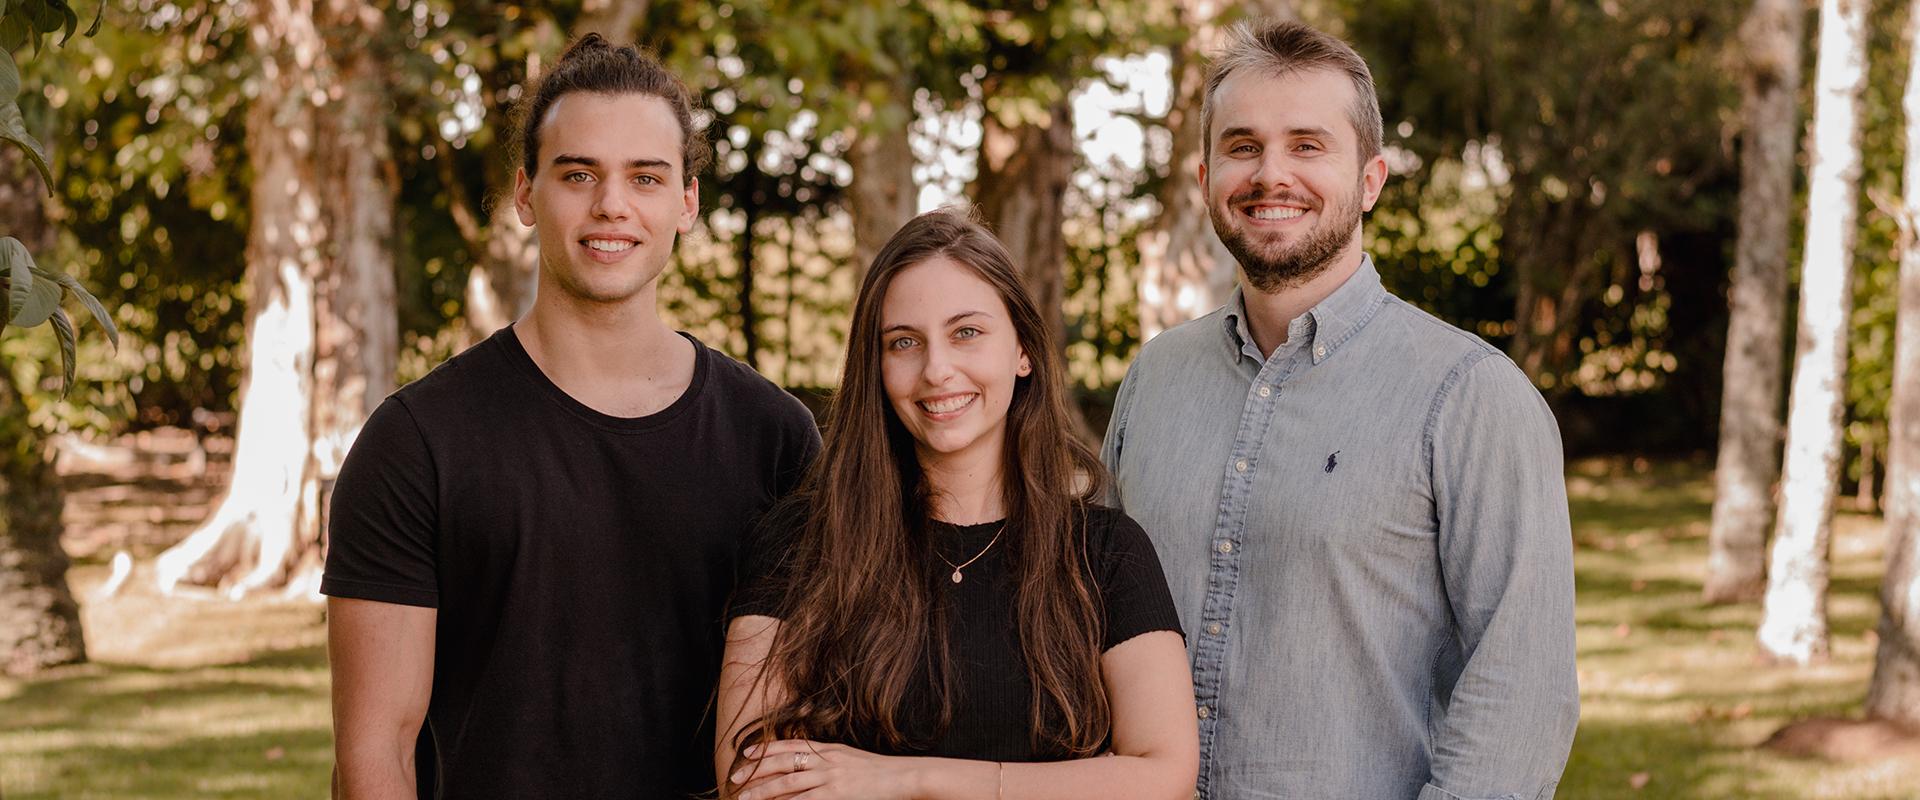 Mercur inicia projeto de inovação e convida startups, universidades e pessoas a contribuírem